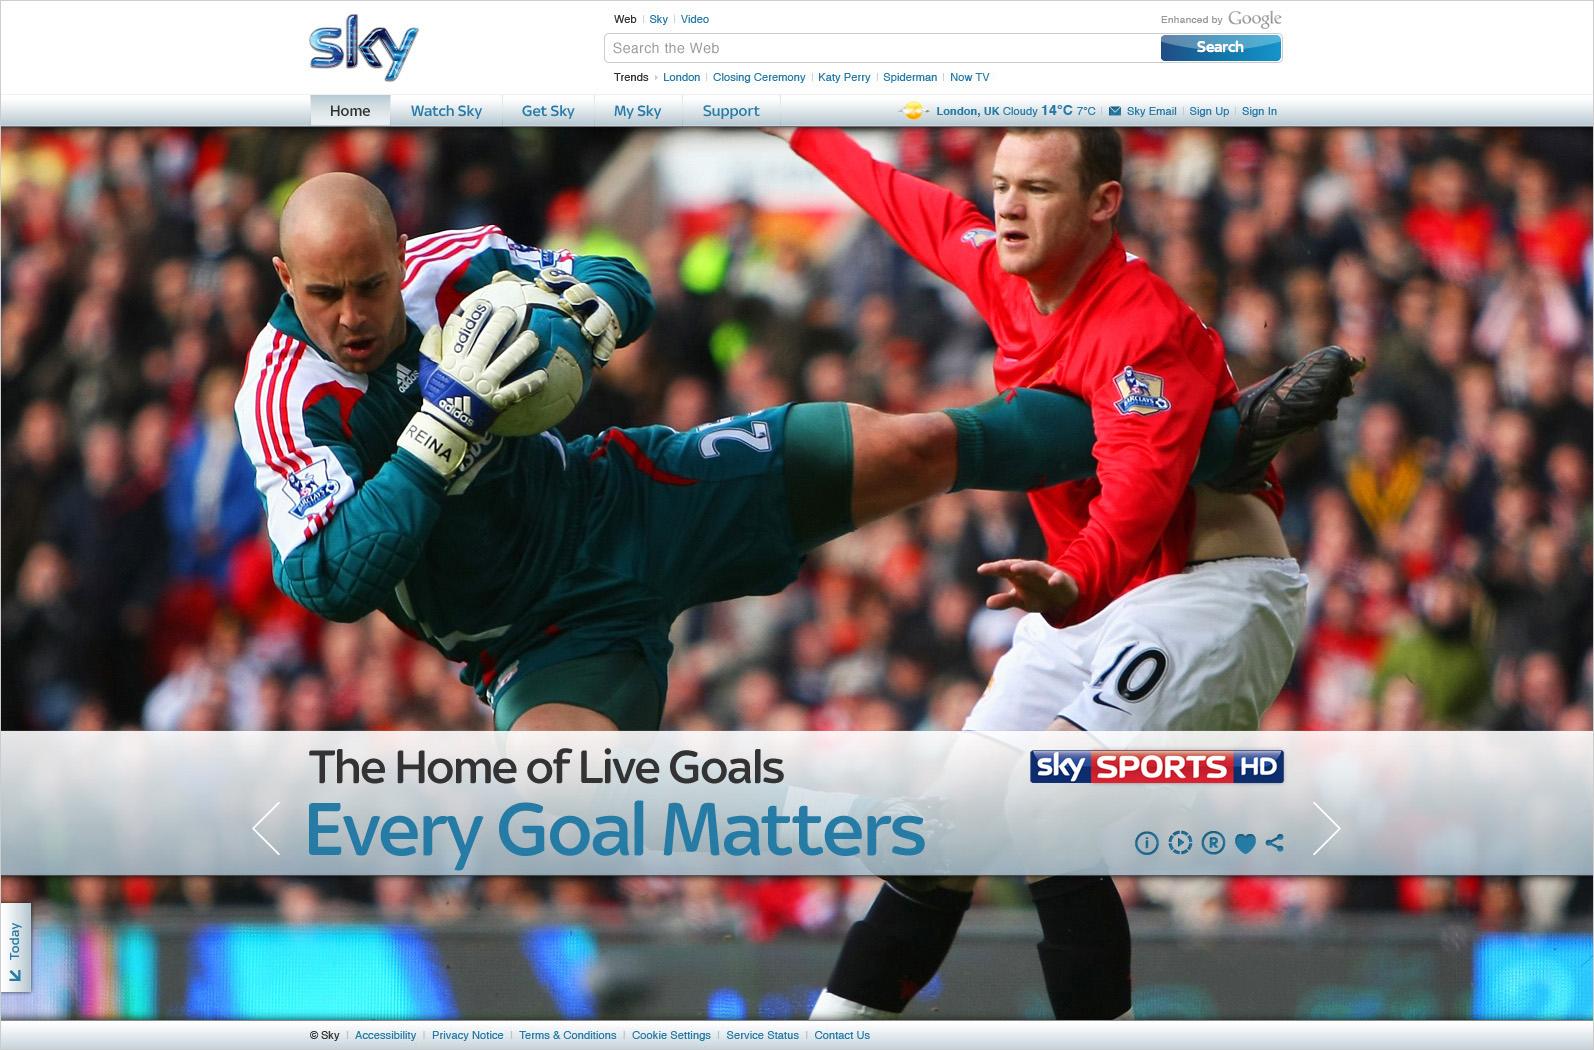 Sky_Homepage_10SkySports.jpg